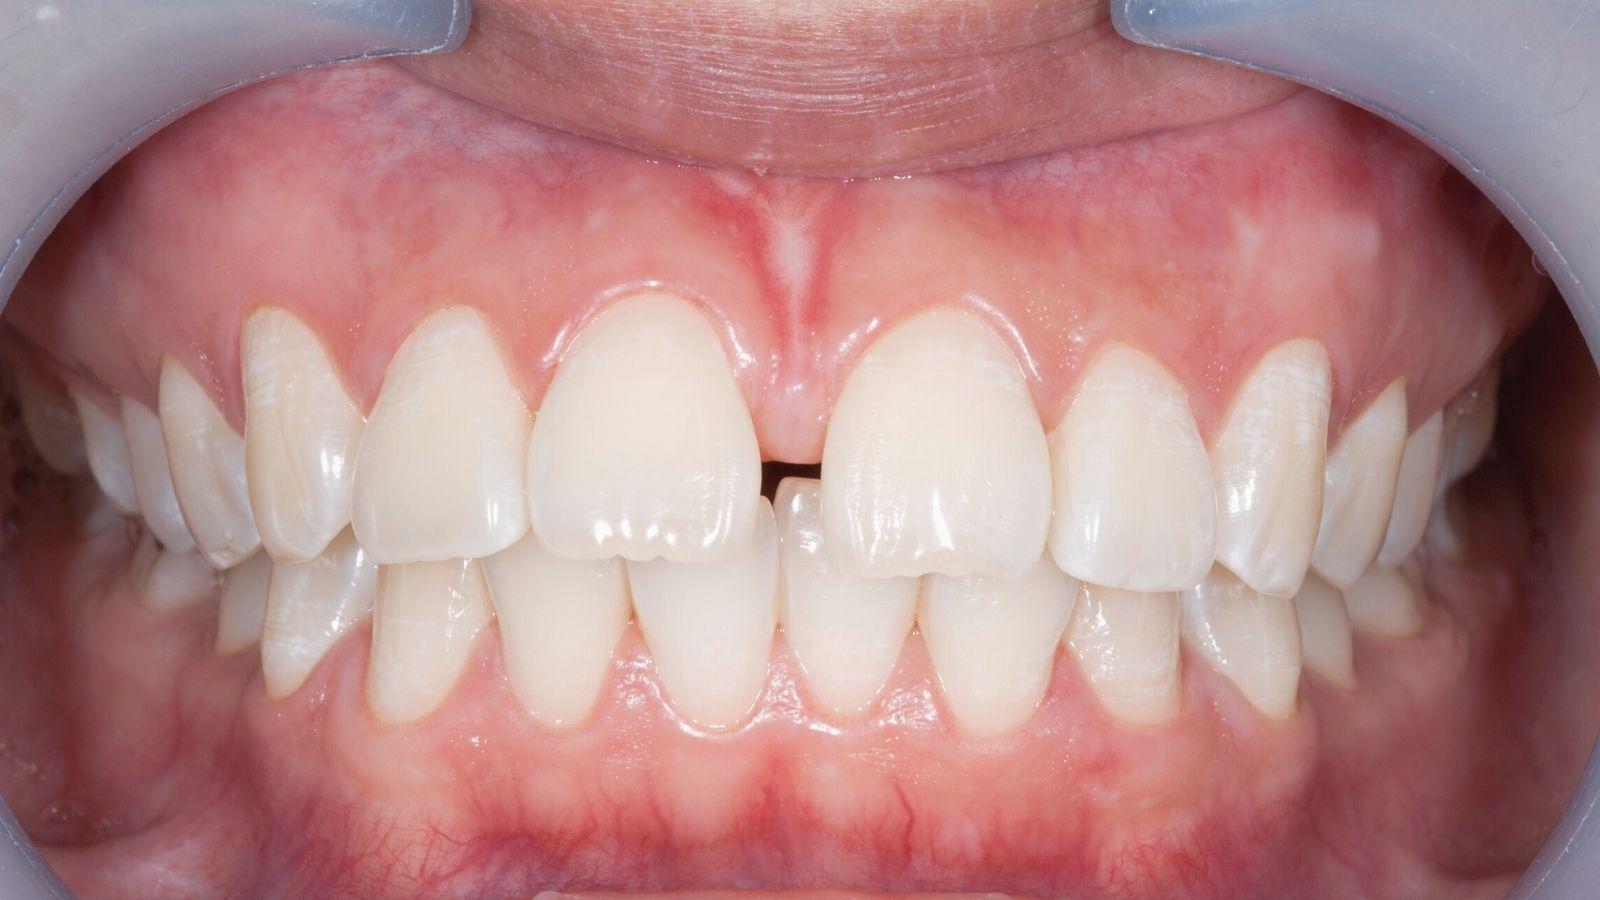 """Как убрать щель между передними зубами? Тремы и диастемы зубов - успешное лечение и исправление в стоматологии """"Зубочистка"""" доктора Кузьменко"""